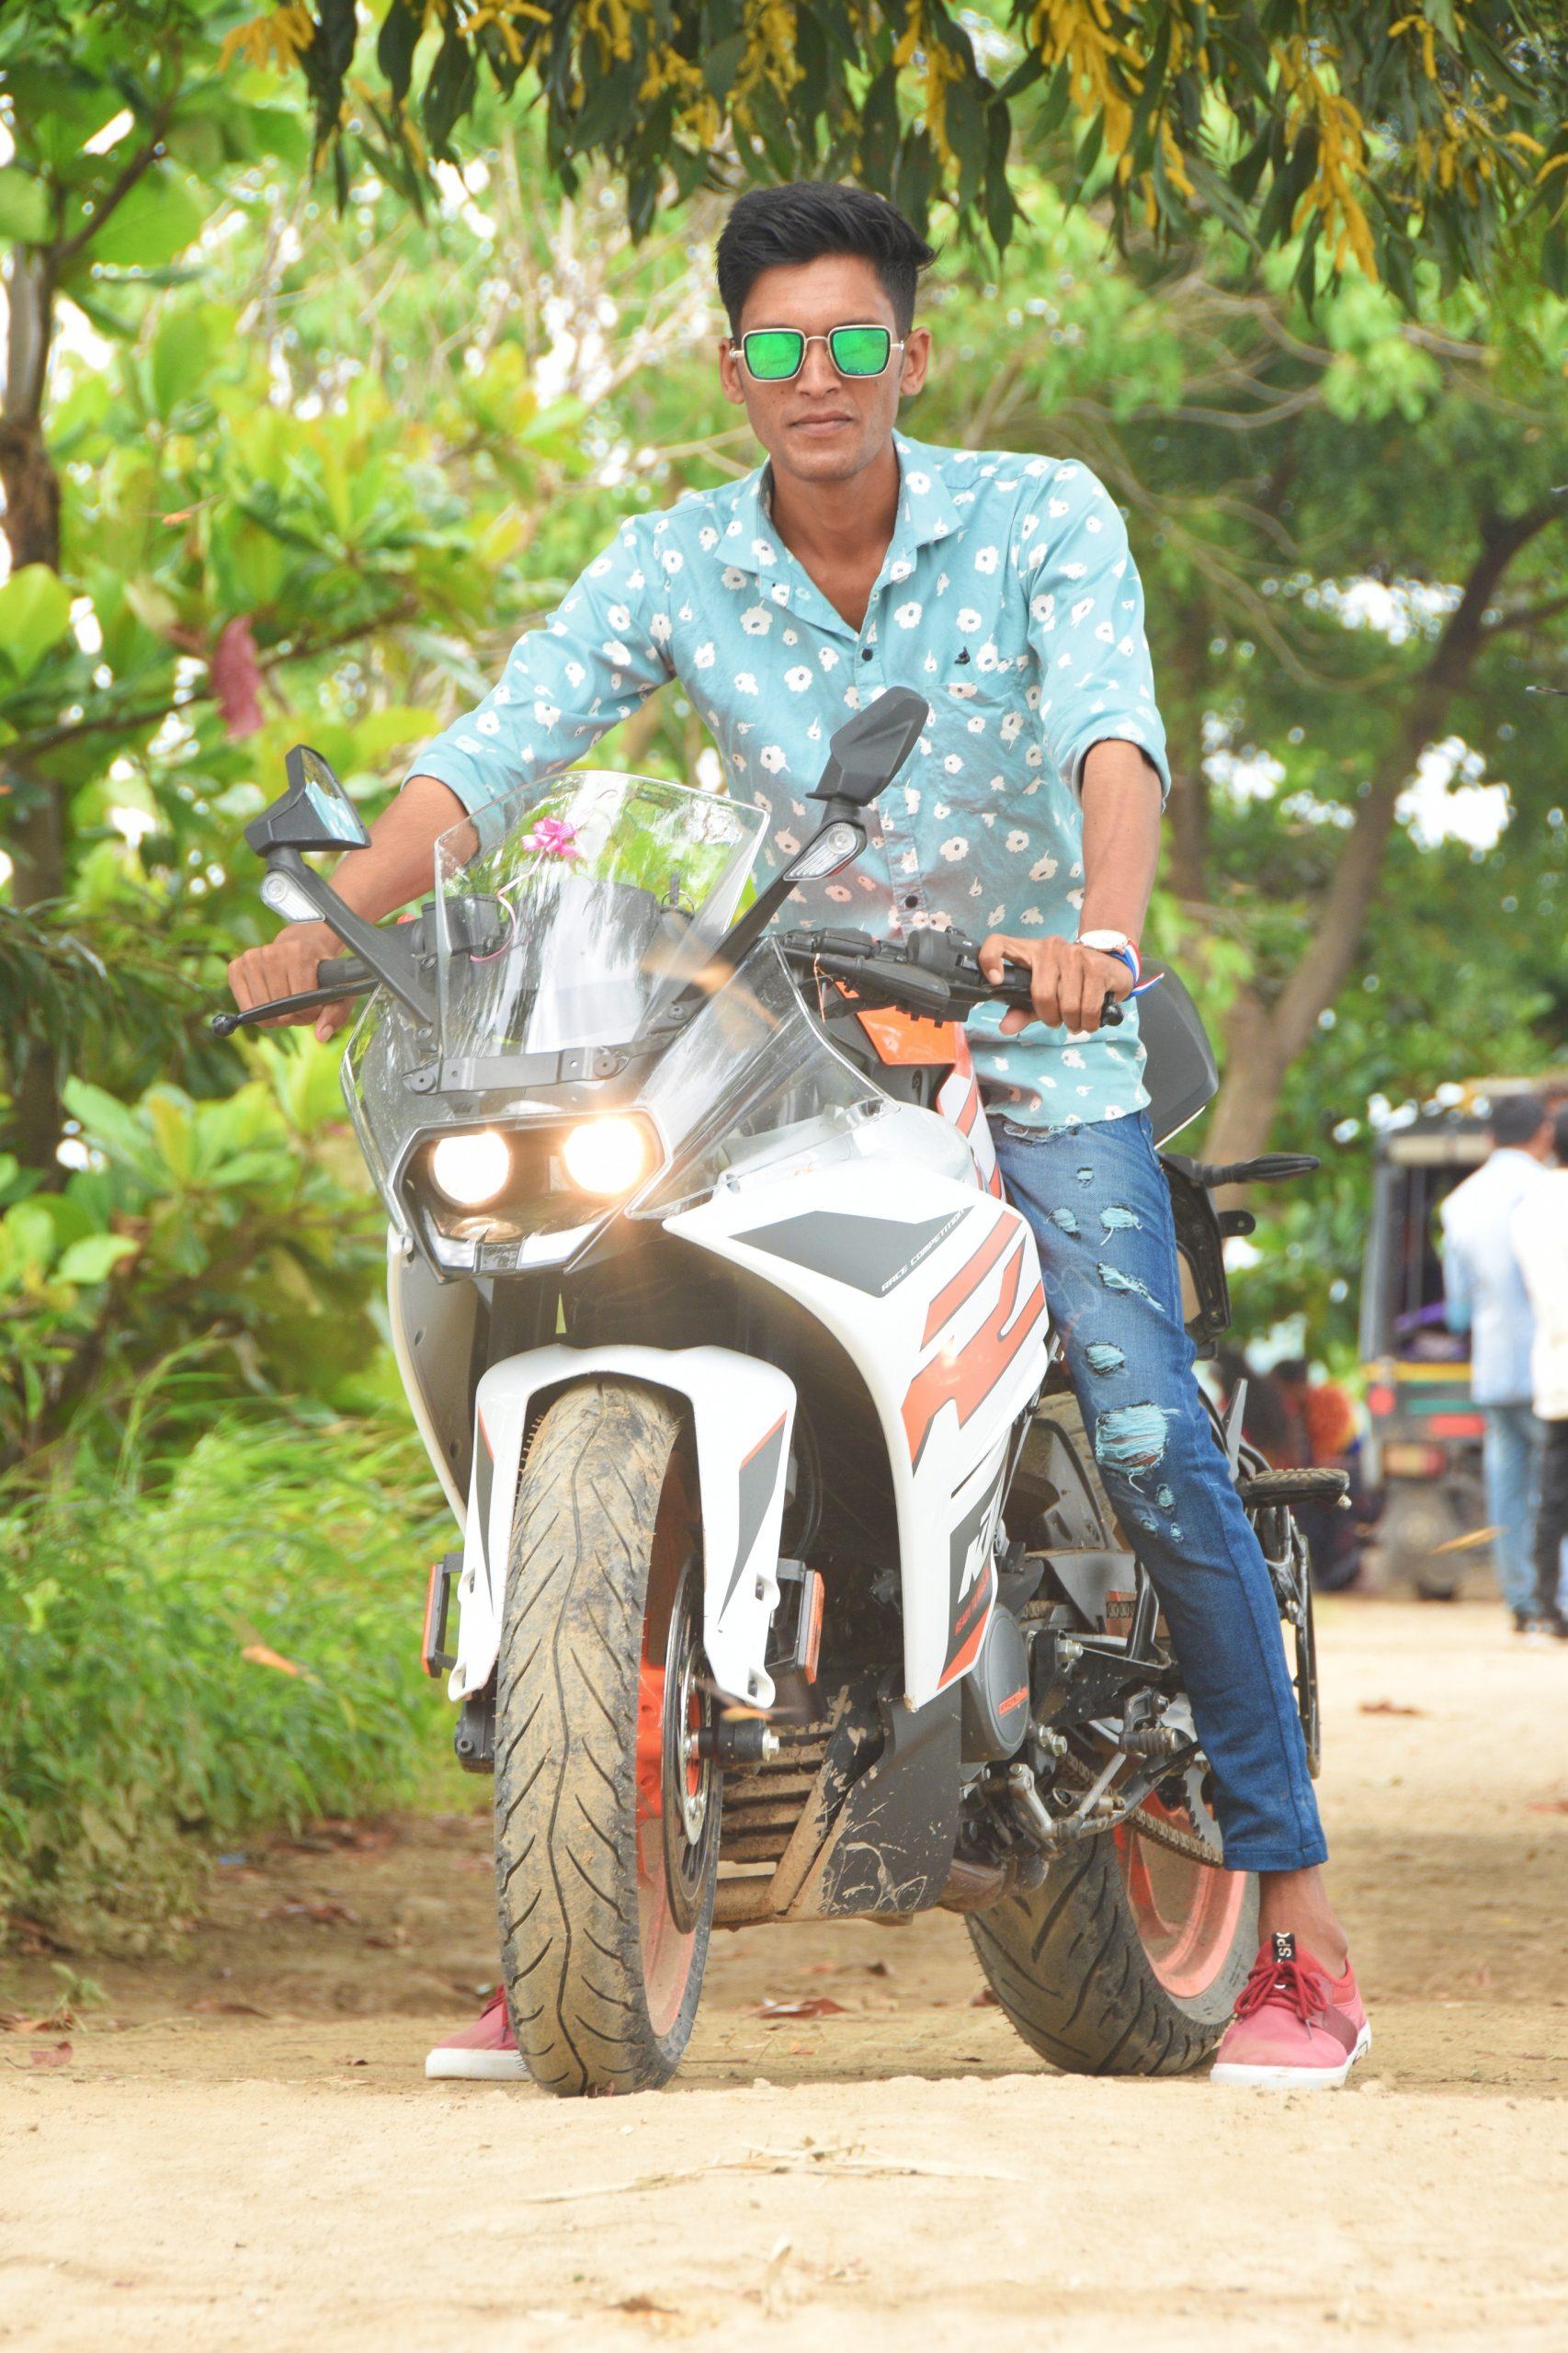 Boy riding KTM bike in forest